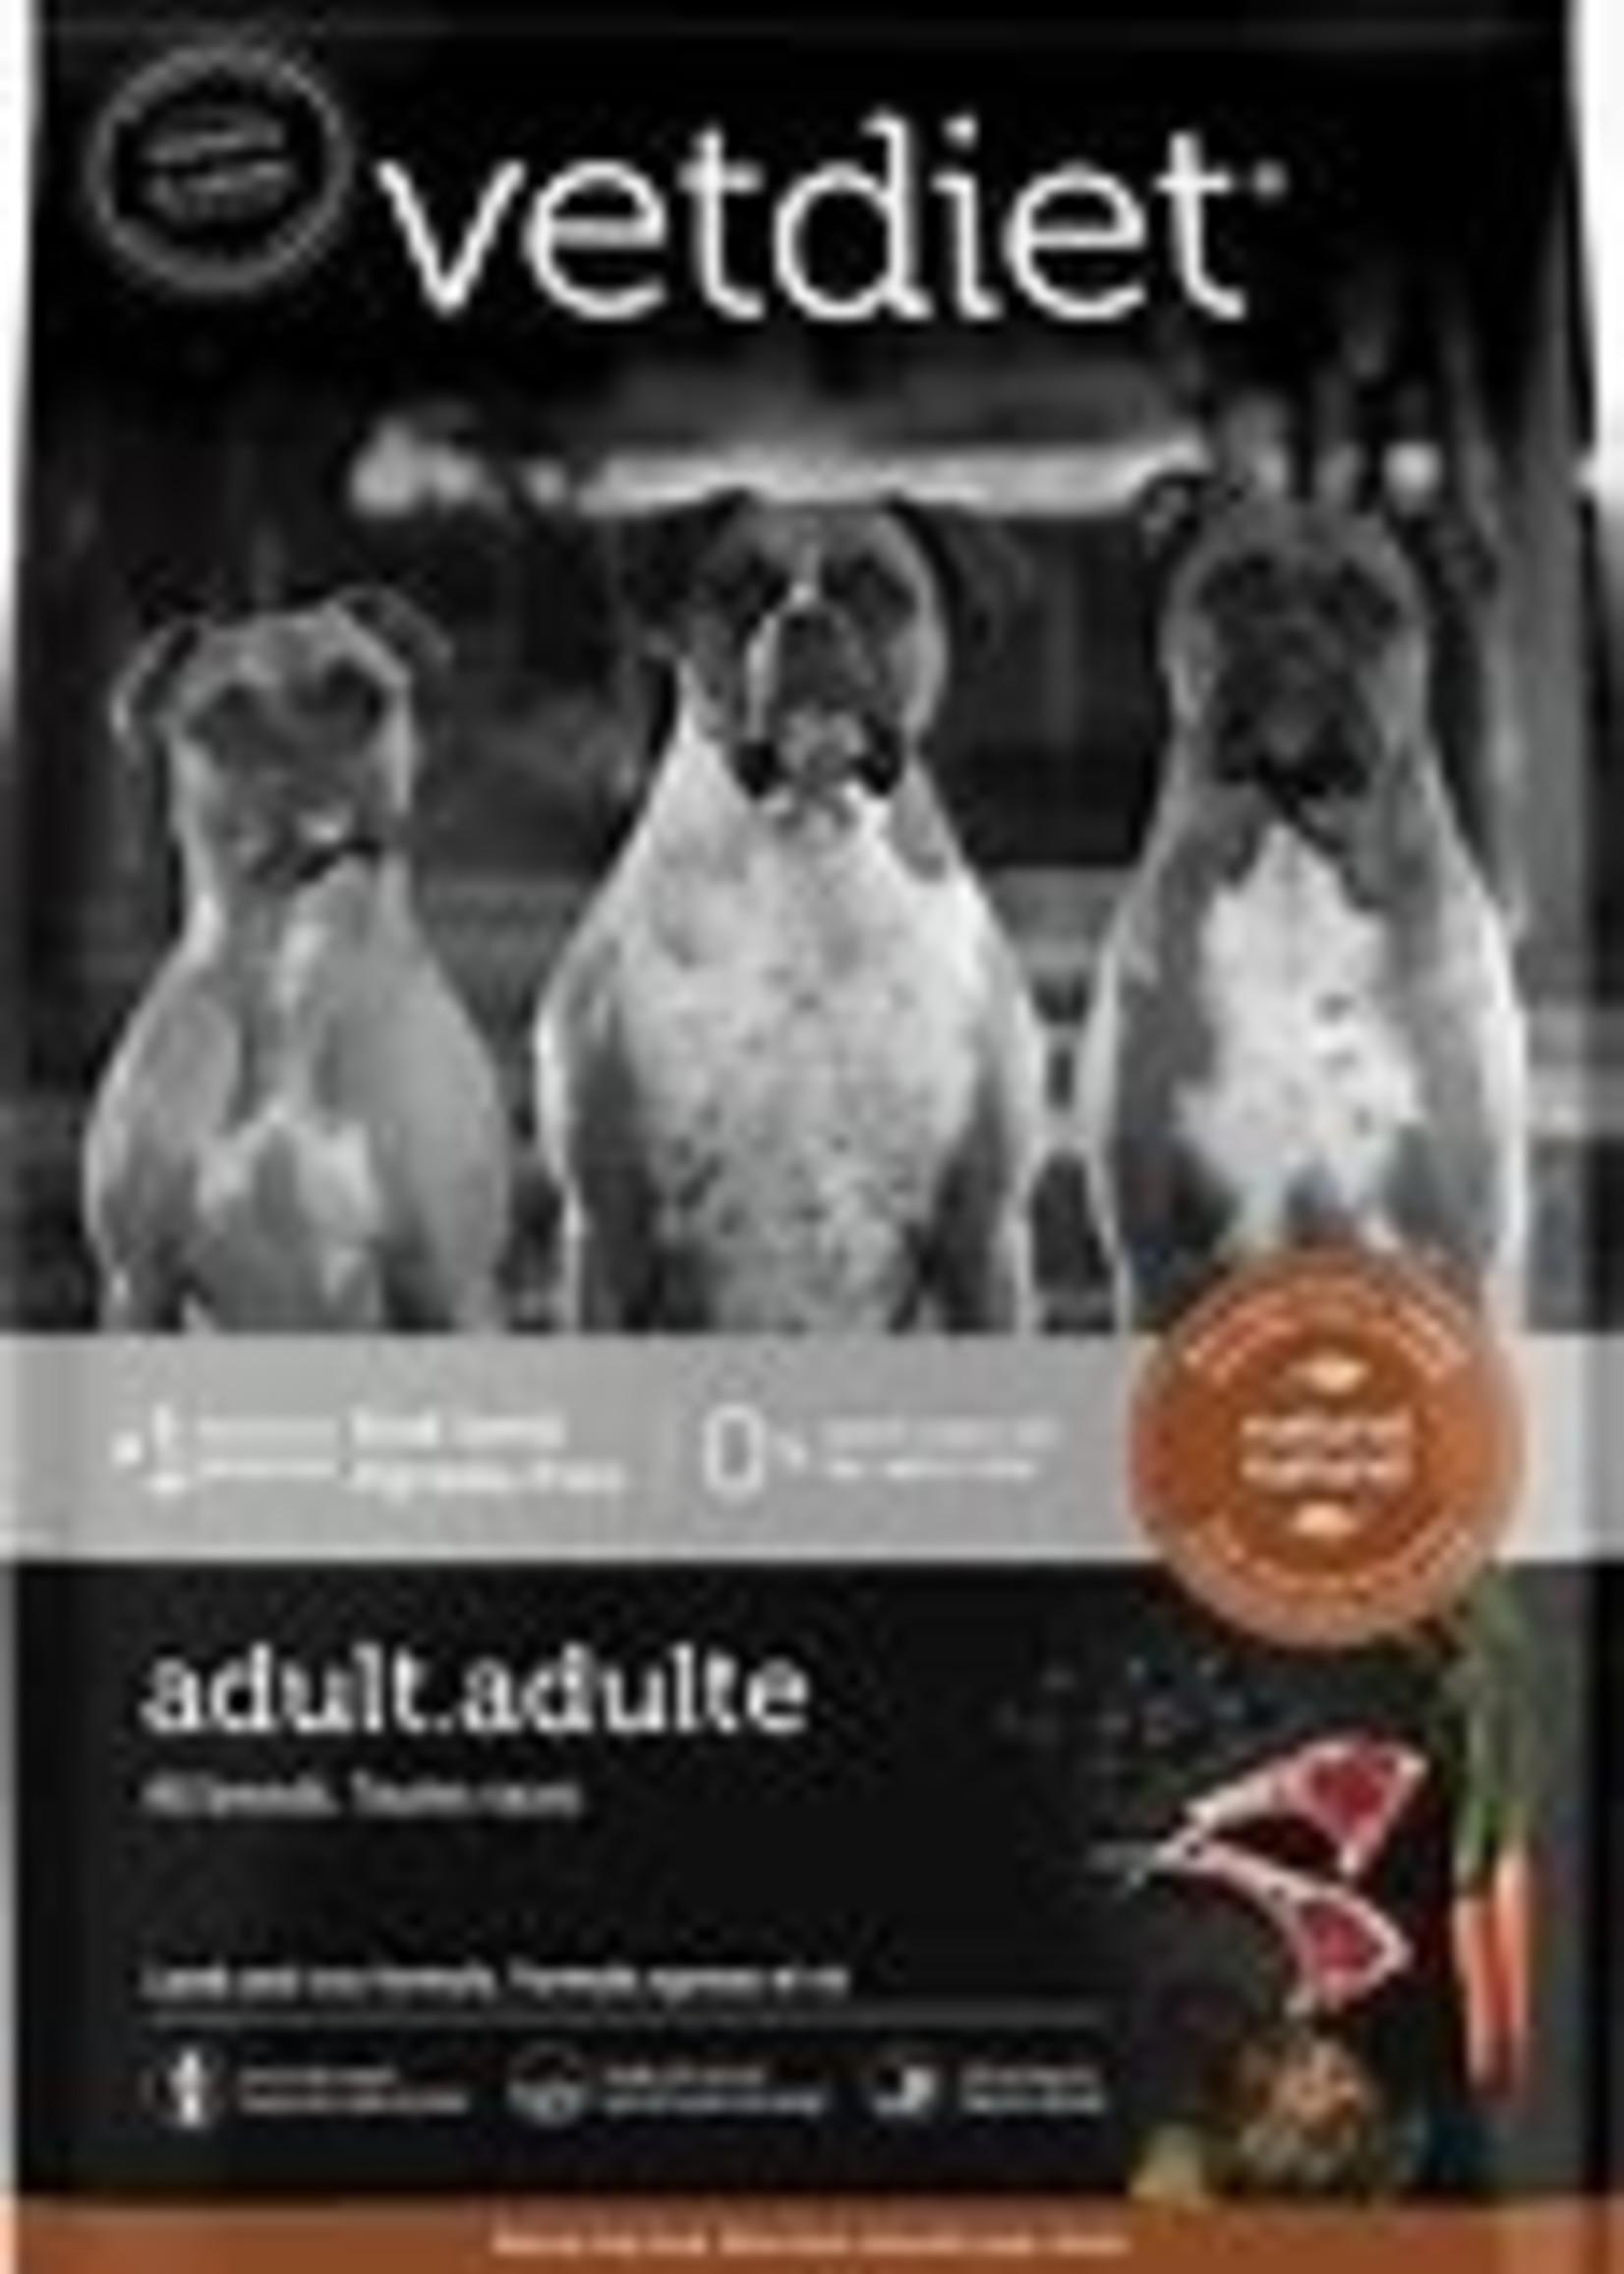 Vetdiet Vetdiet Dog Adult Lamb & Rice 26lbs